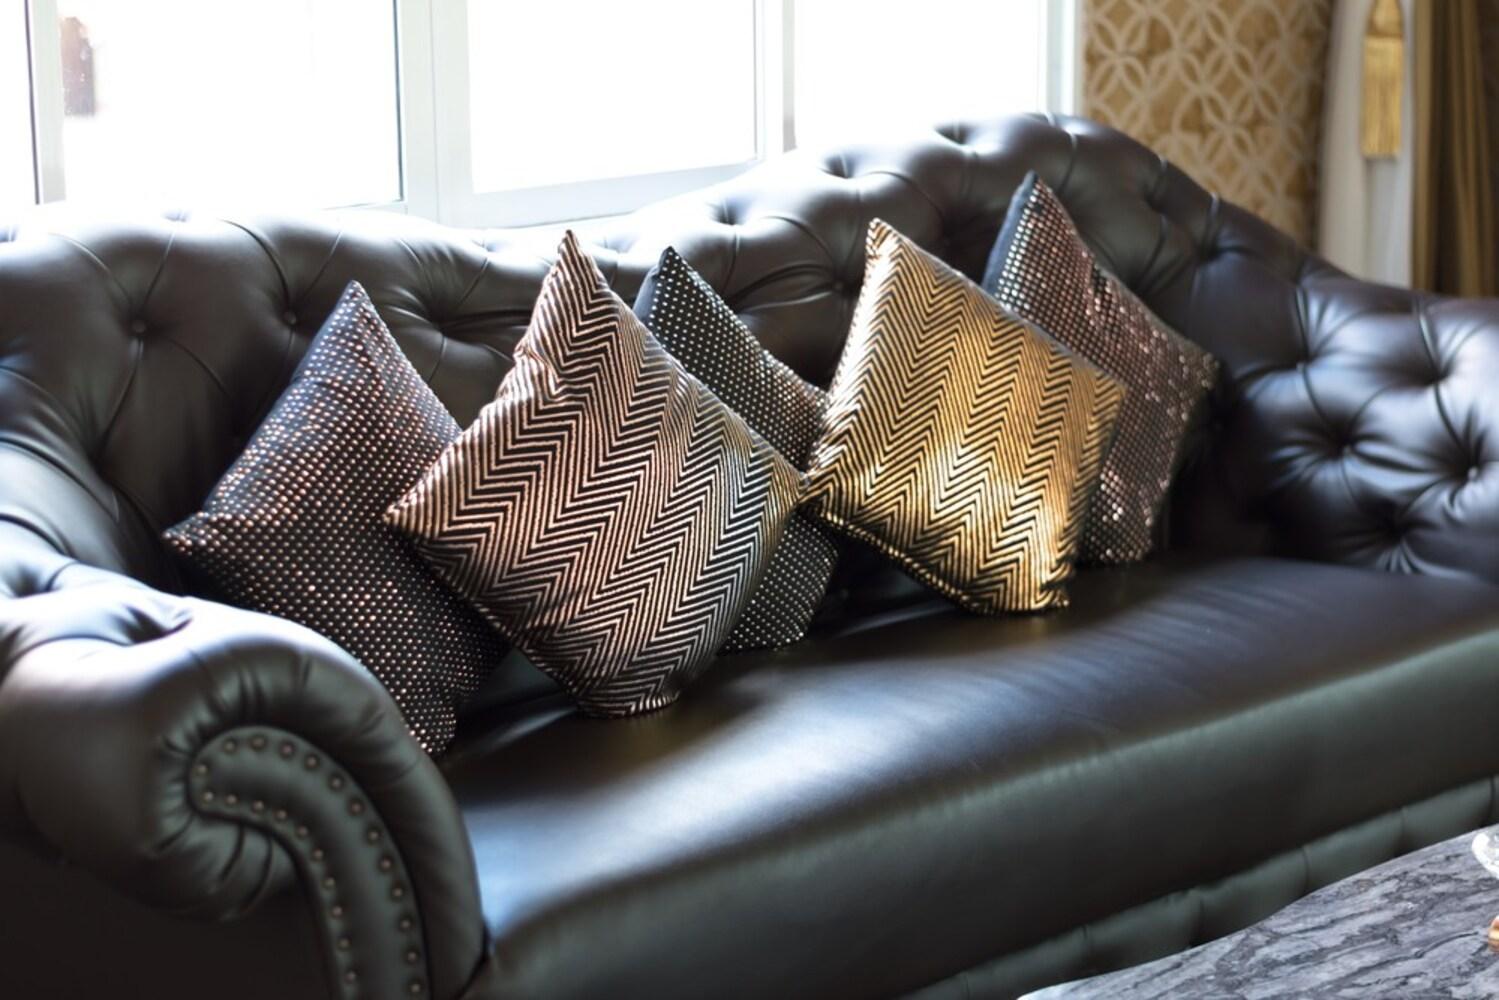 素材|デザイン豊富な「布地」、高級感のある「レザー」